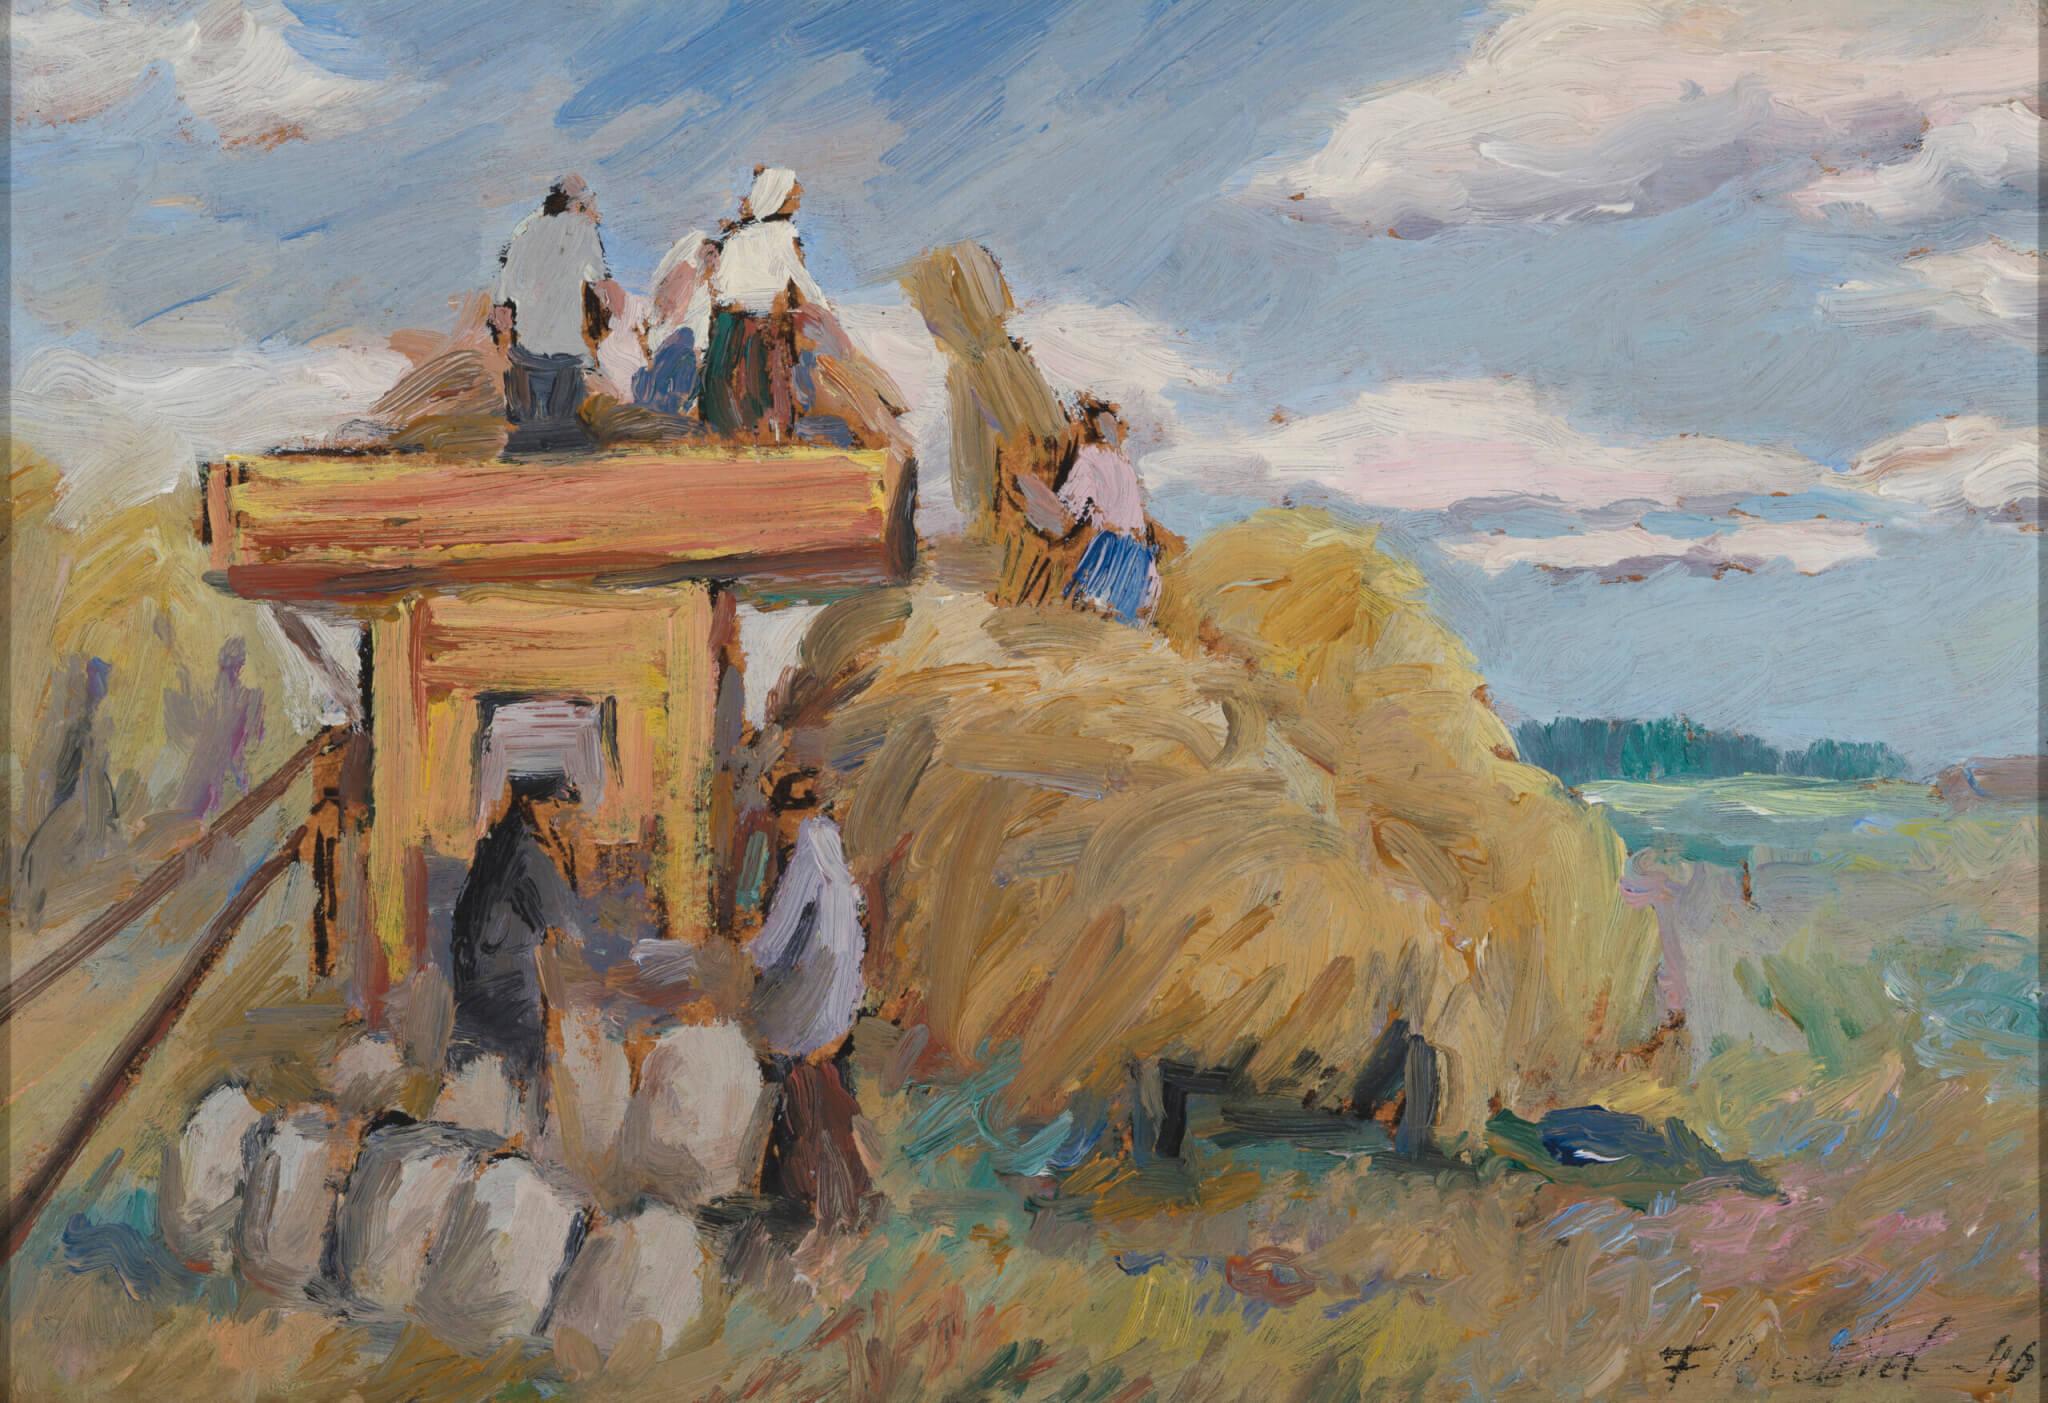 Felix-Randel-Heinategu-Allee-kunstioksjon